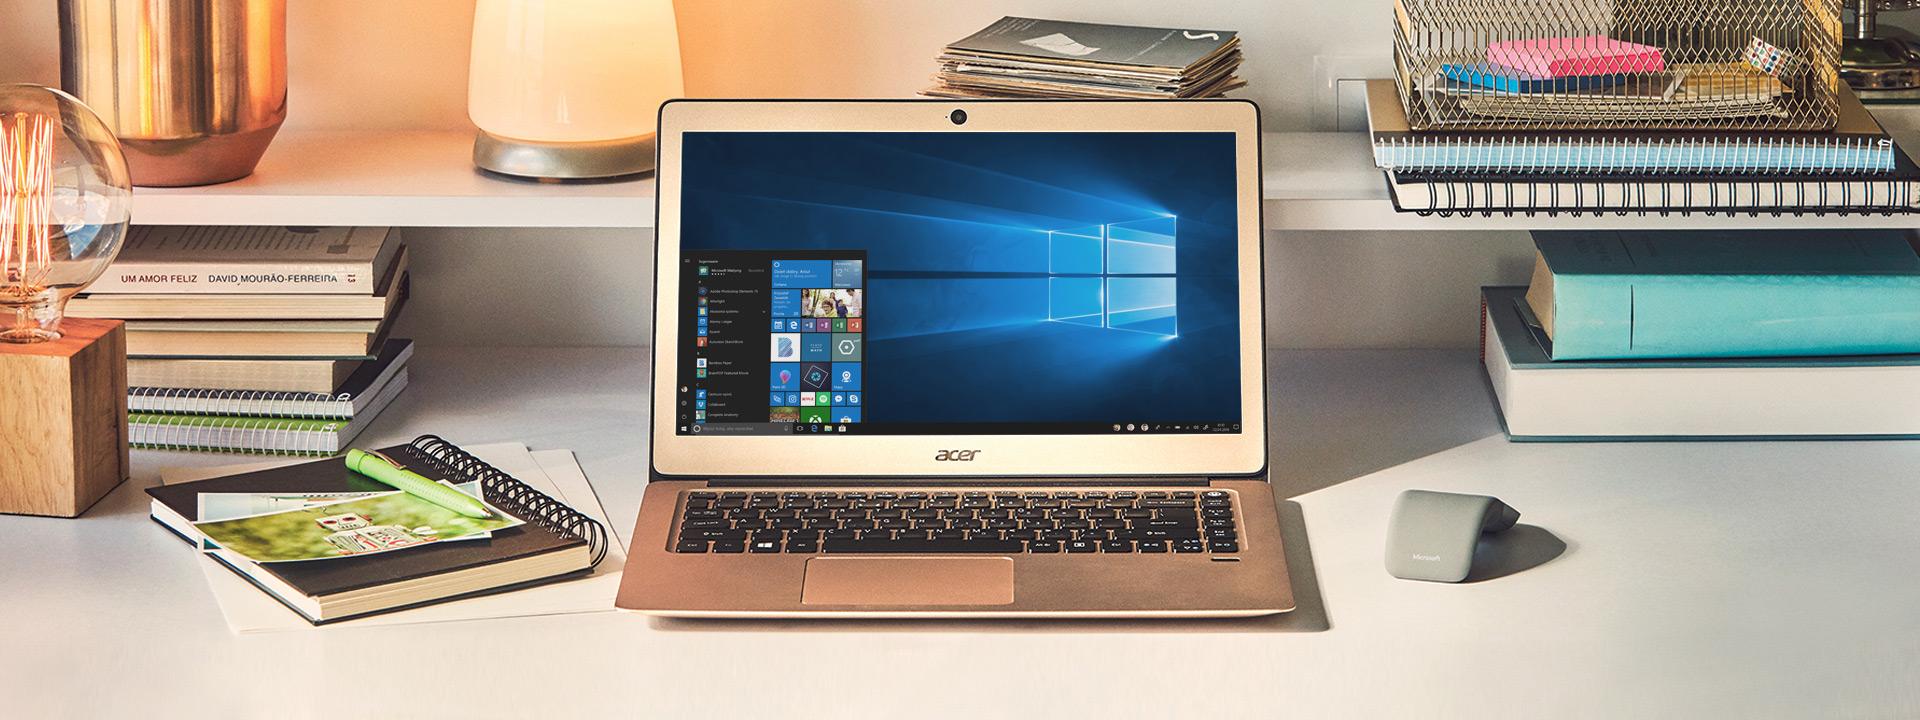 Leżący na biurku laptop Acer z myszą, a wokół książki i notatniki